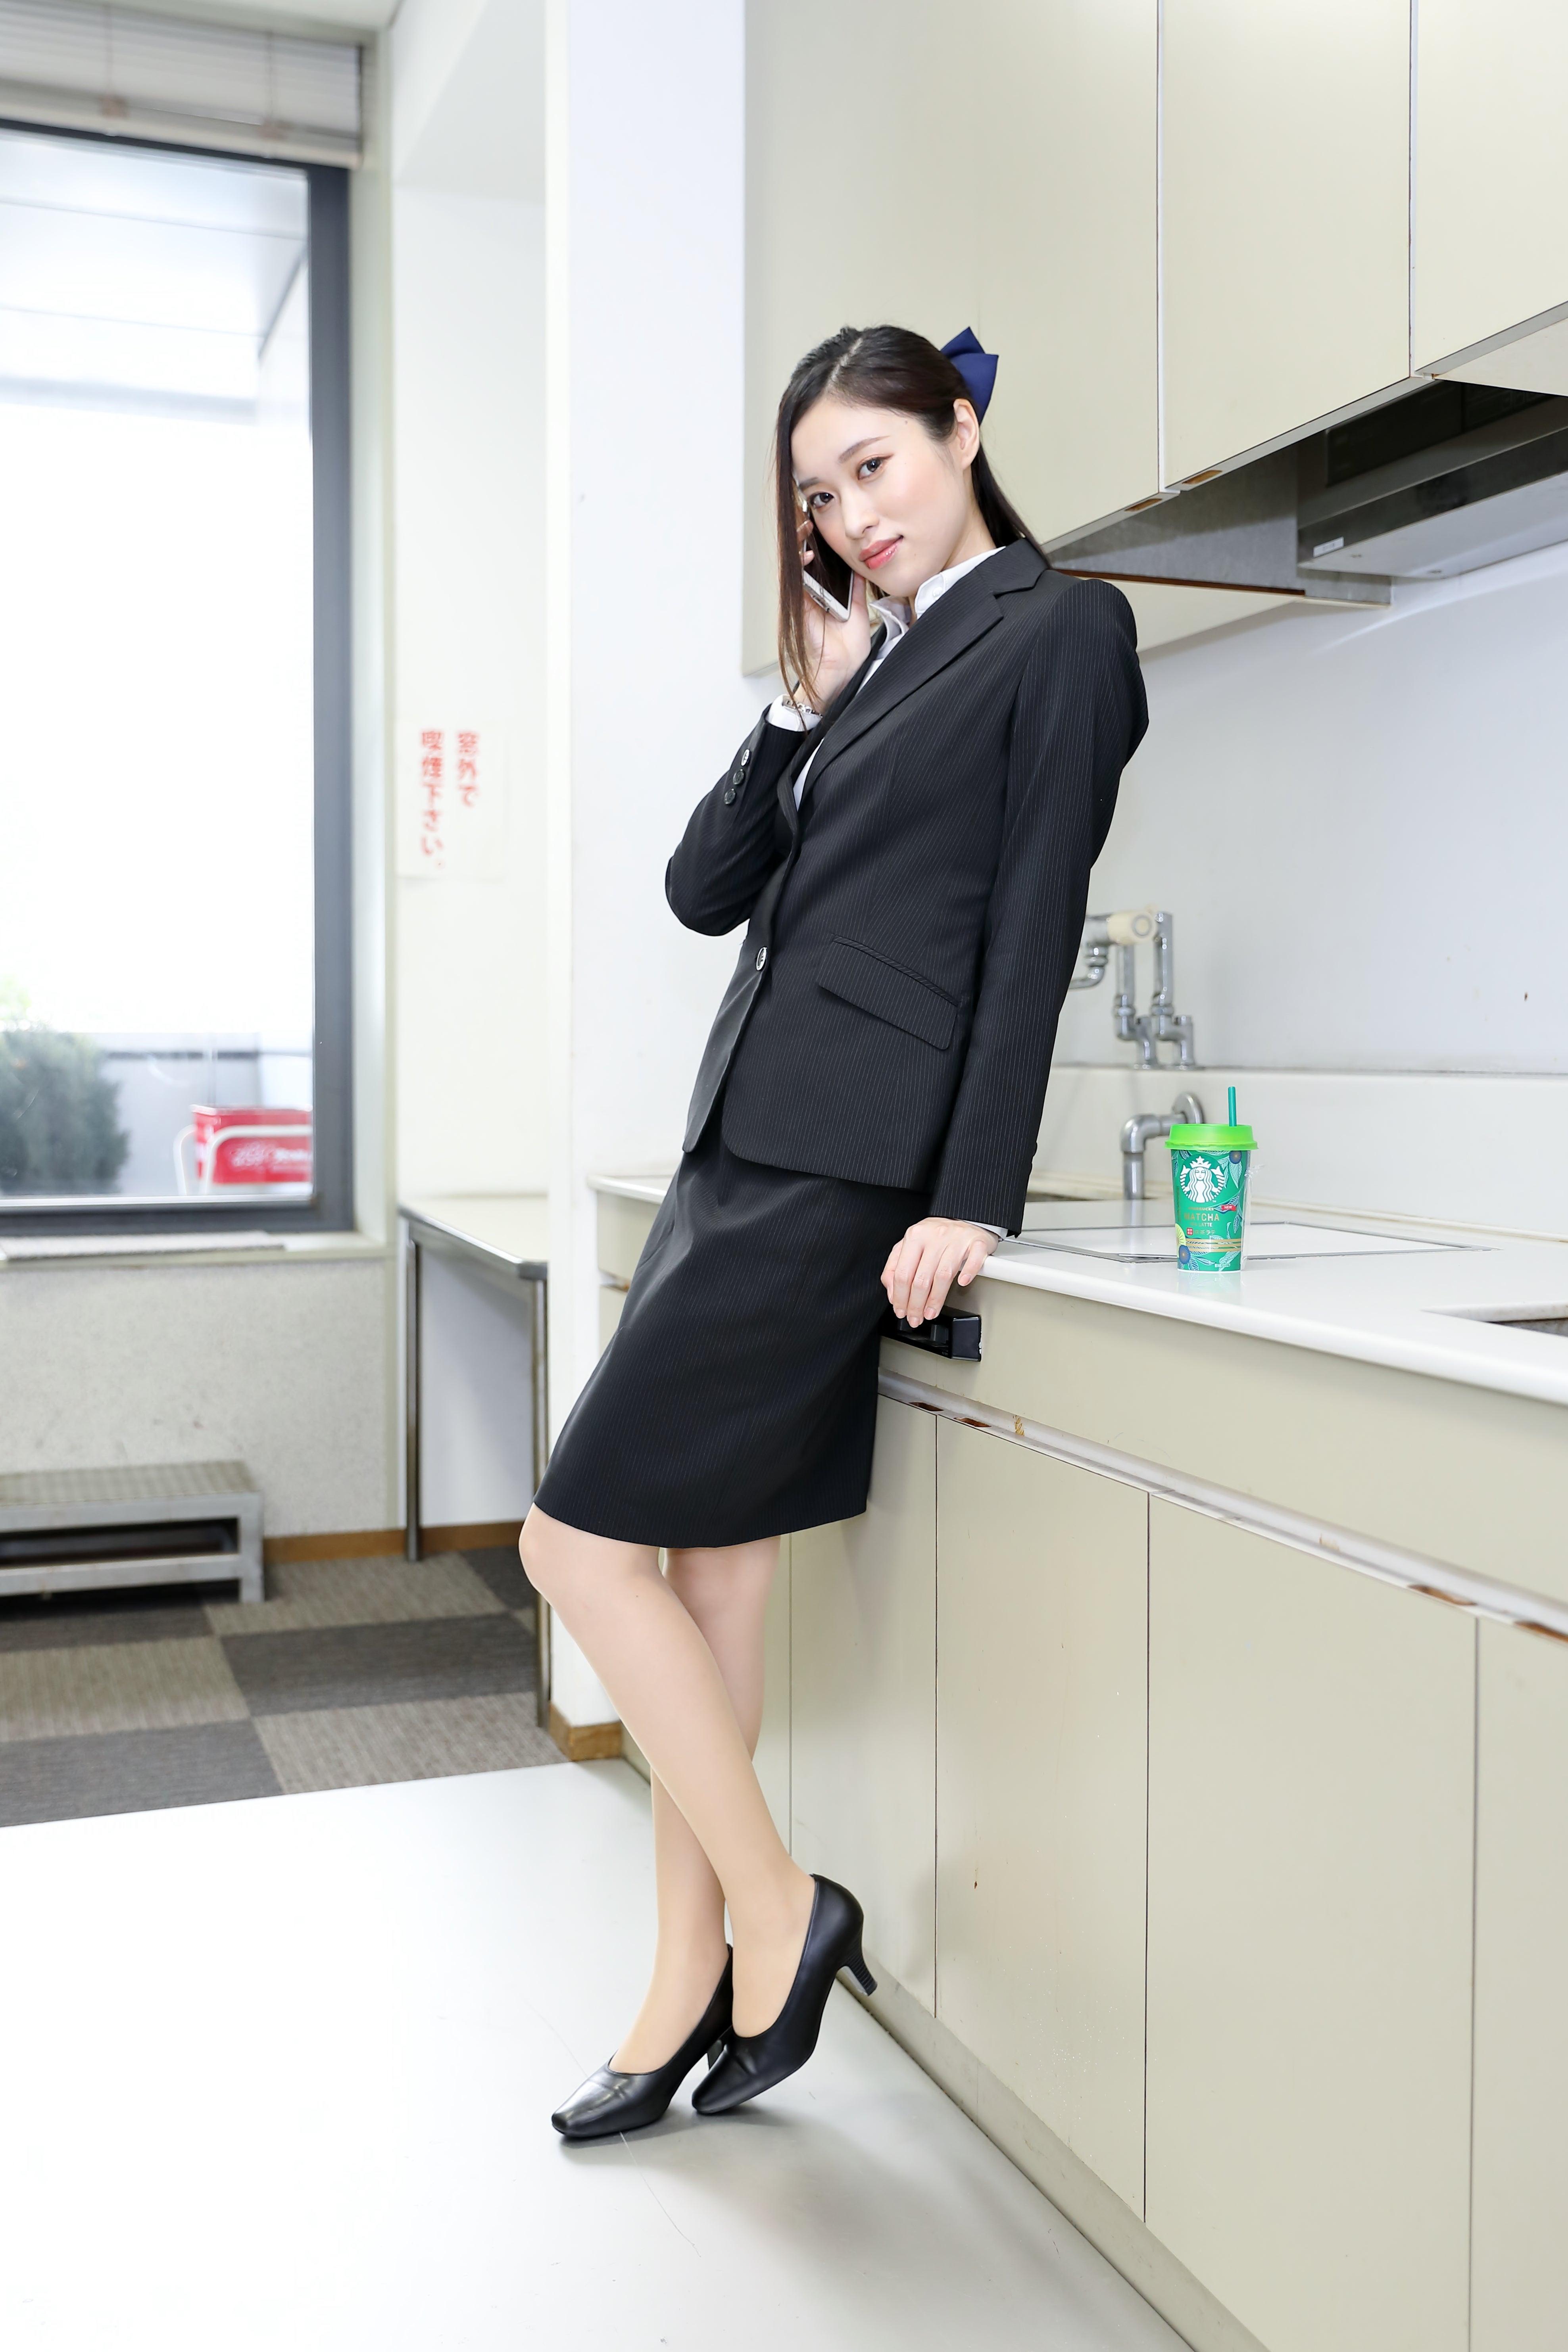 lexus owner[ボス]さんのブログBrand OL 撮影会 まおとさん②